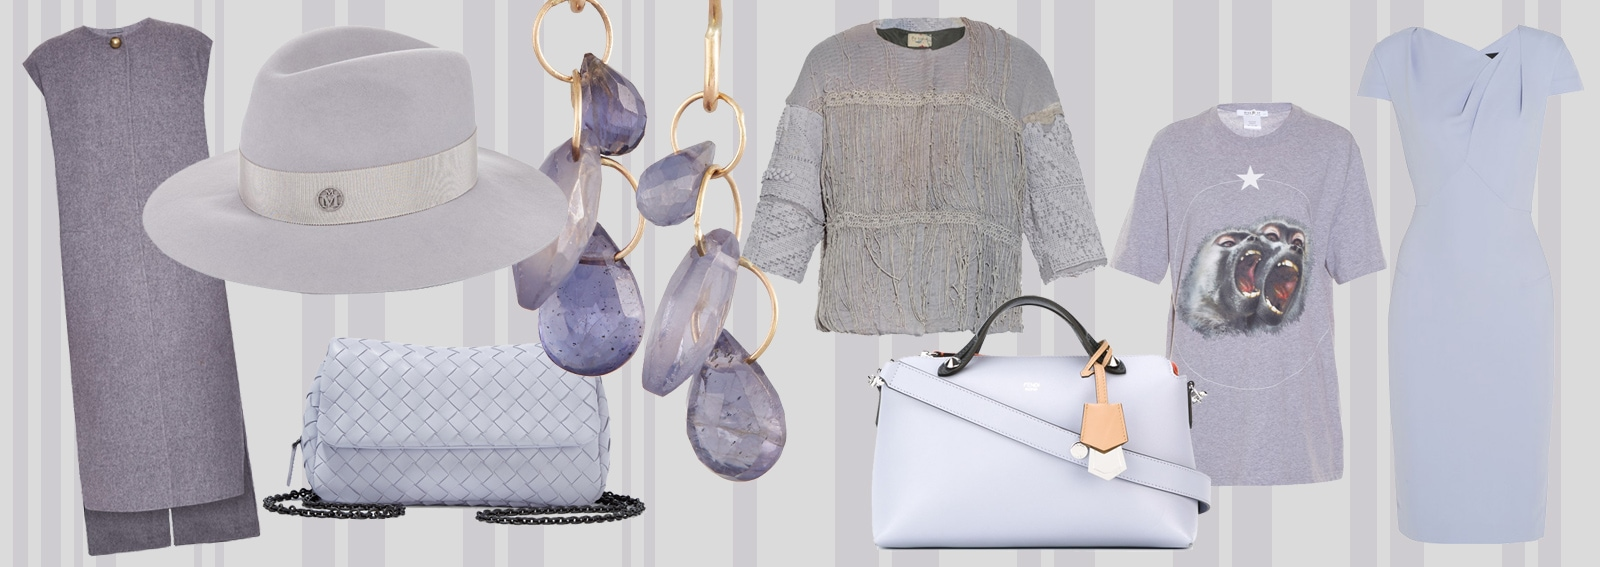 cover lilac grey la nuance pantone dekstop